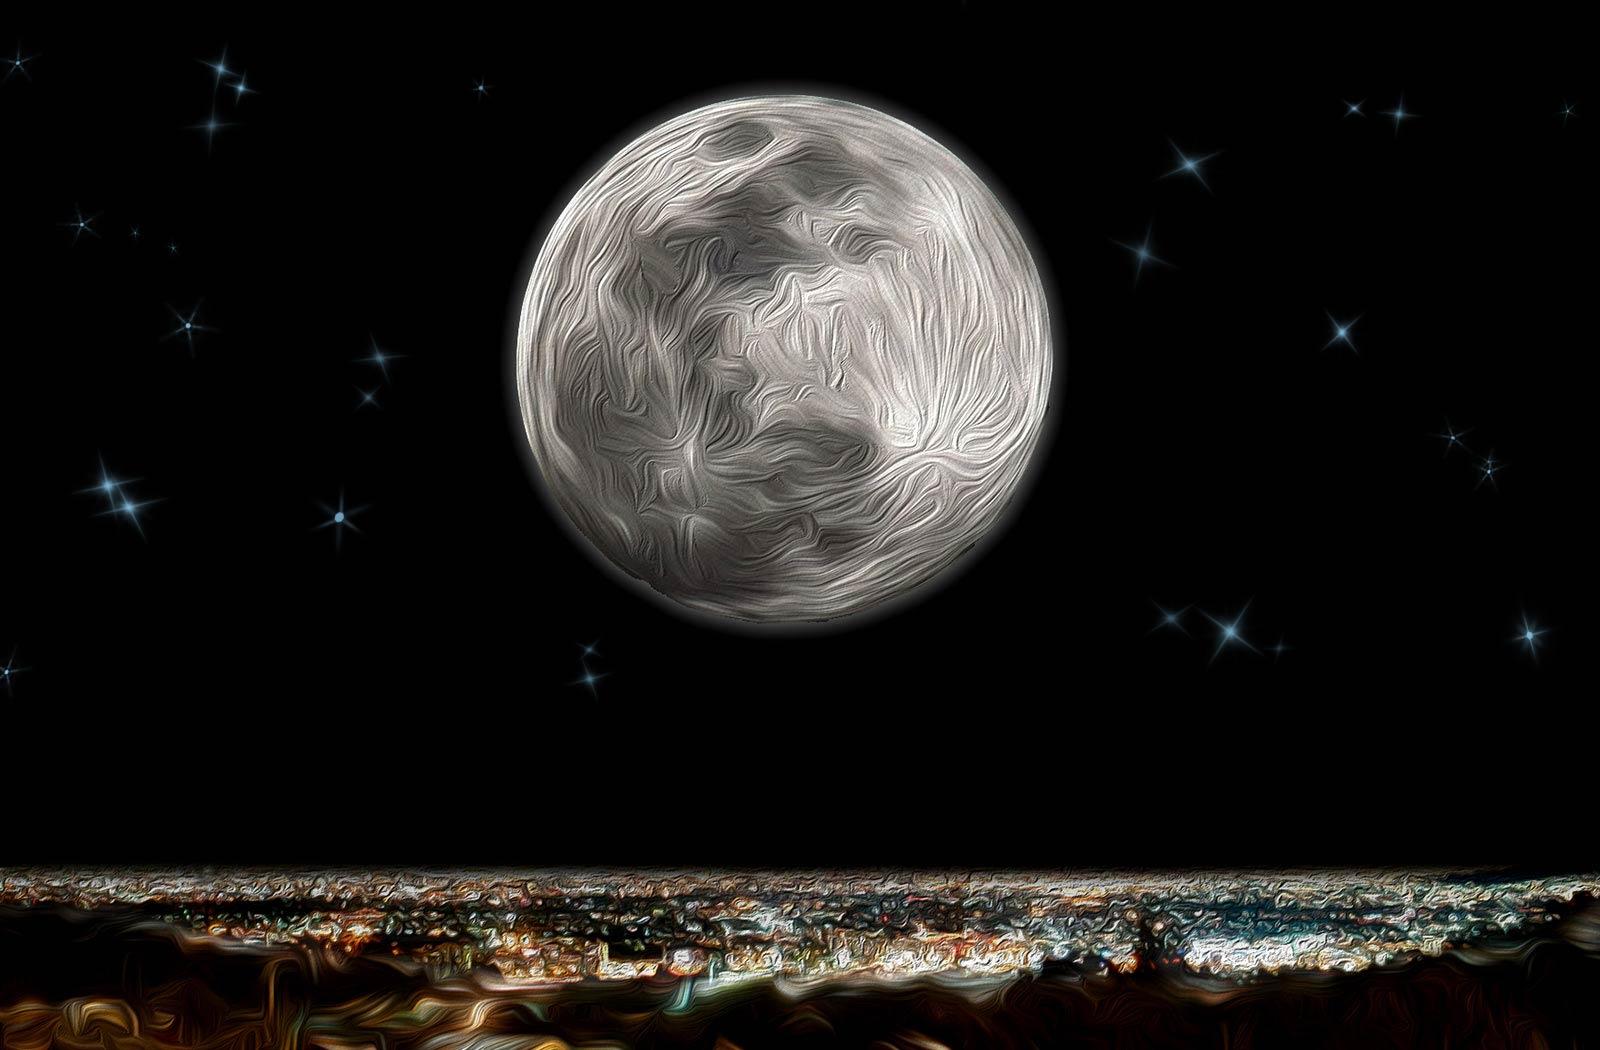 Ilustración gratis - La Luna sobre la ciudad